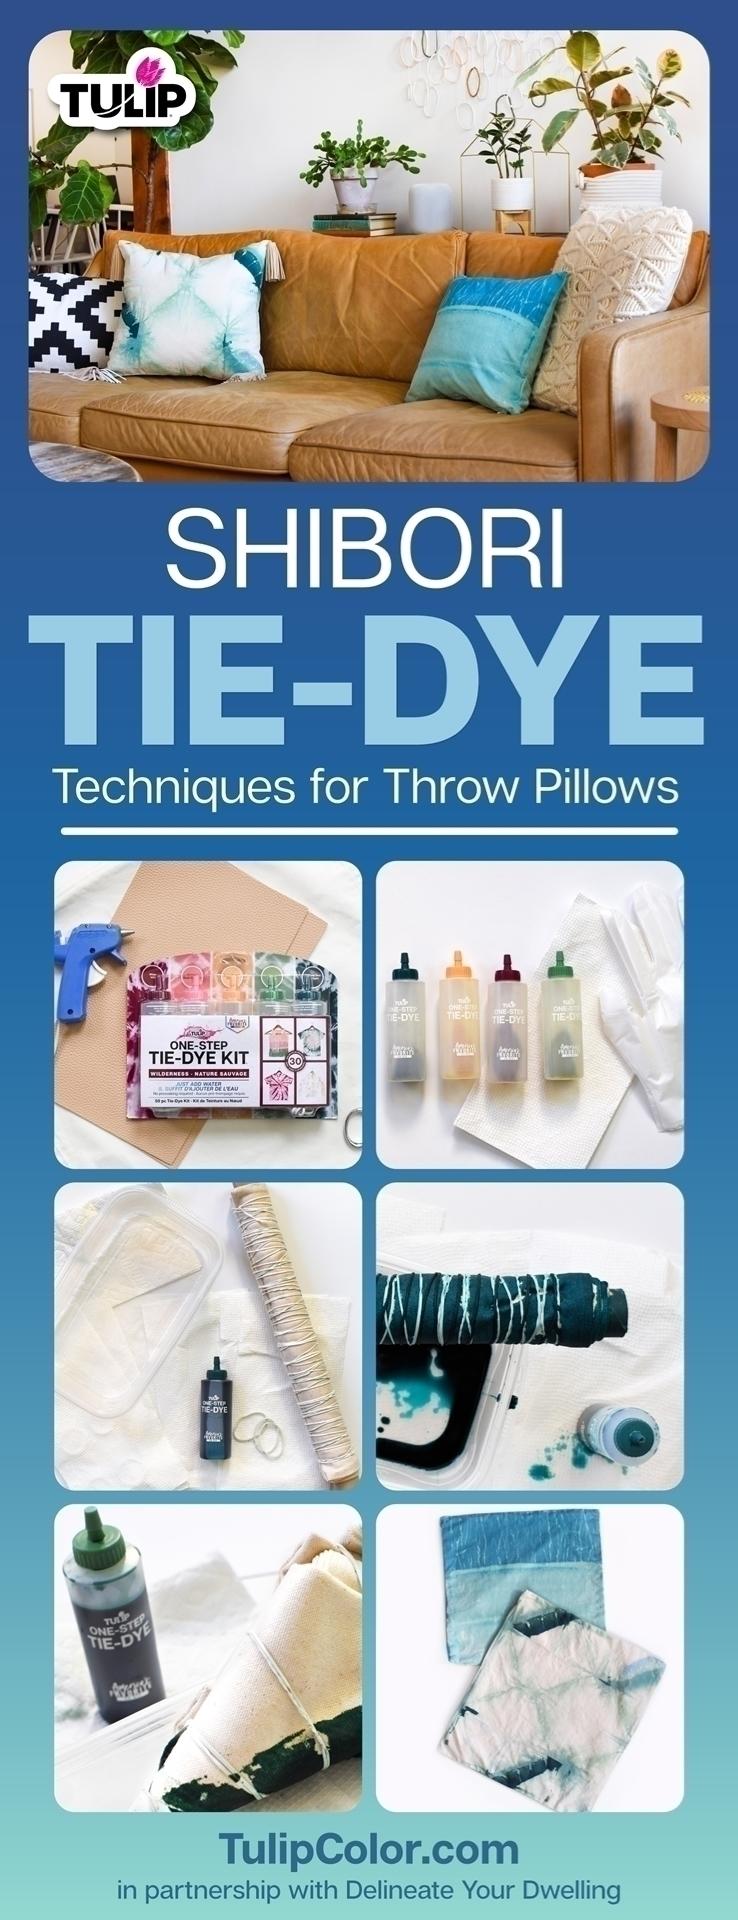 Shibori Tie-Dye Techniques for Throw Pillows